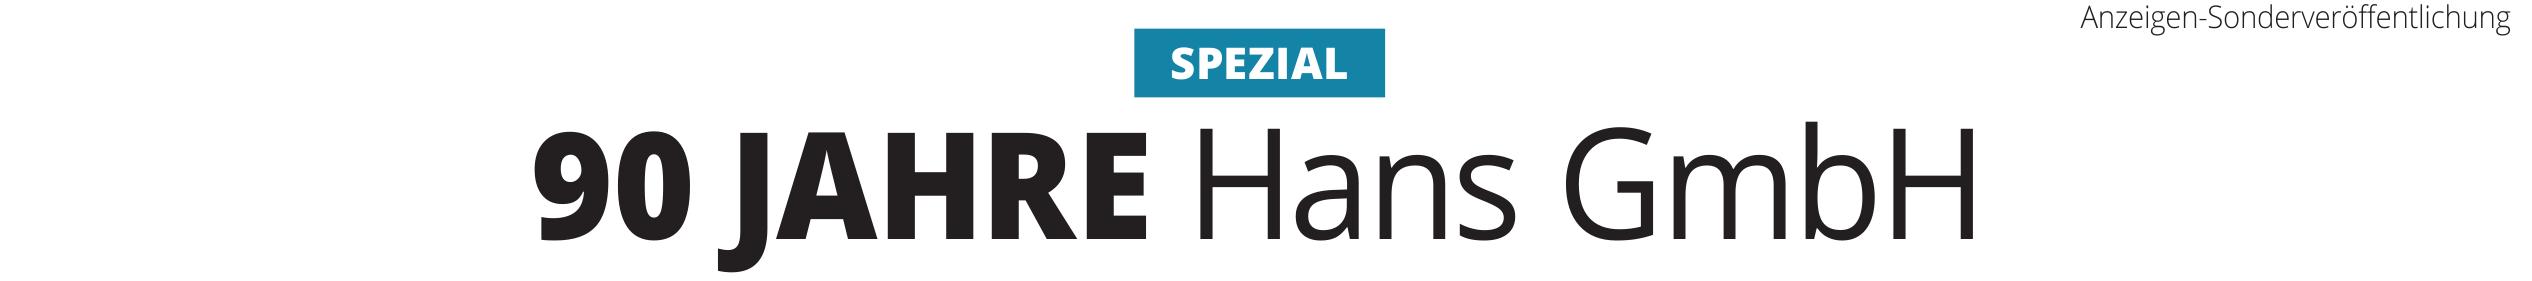 Die Hans GmbH sucht Anlagenmechaniker und Systemplaner Image 1